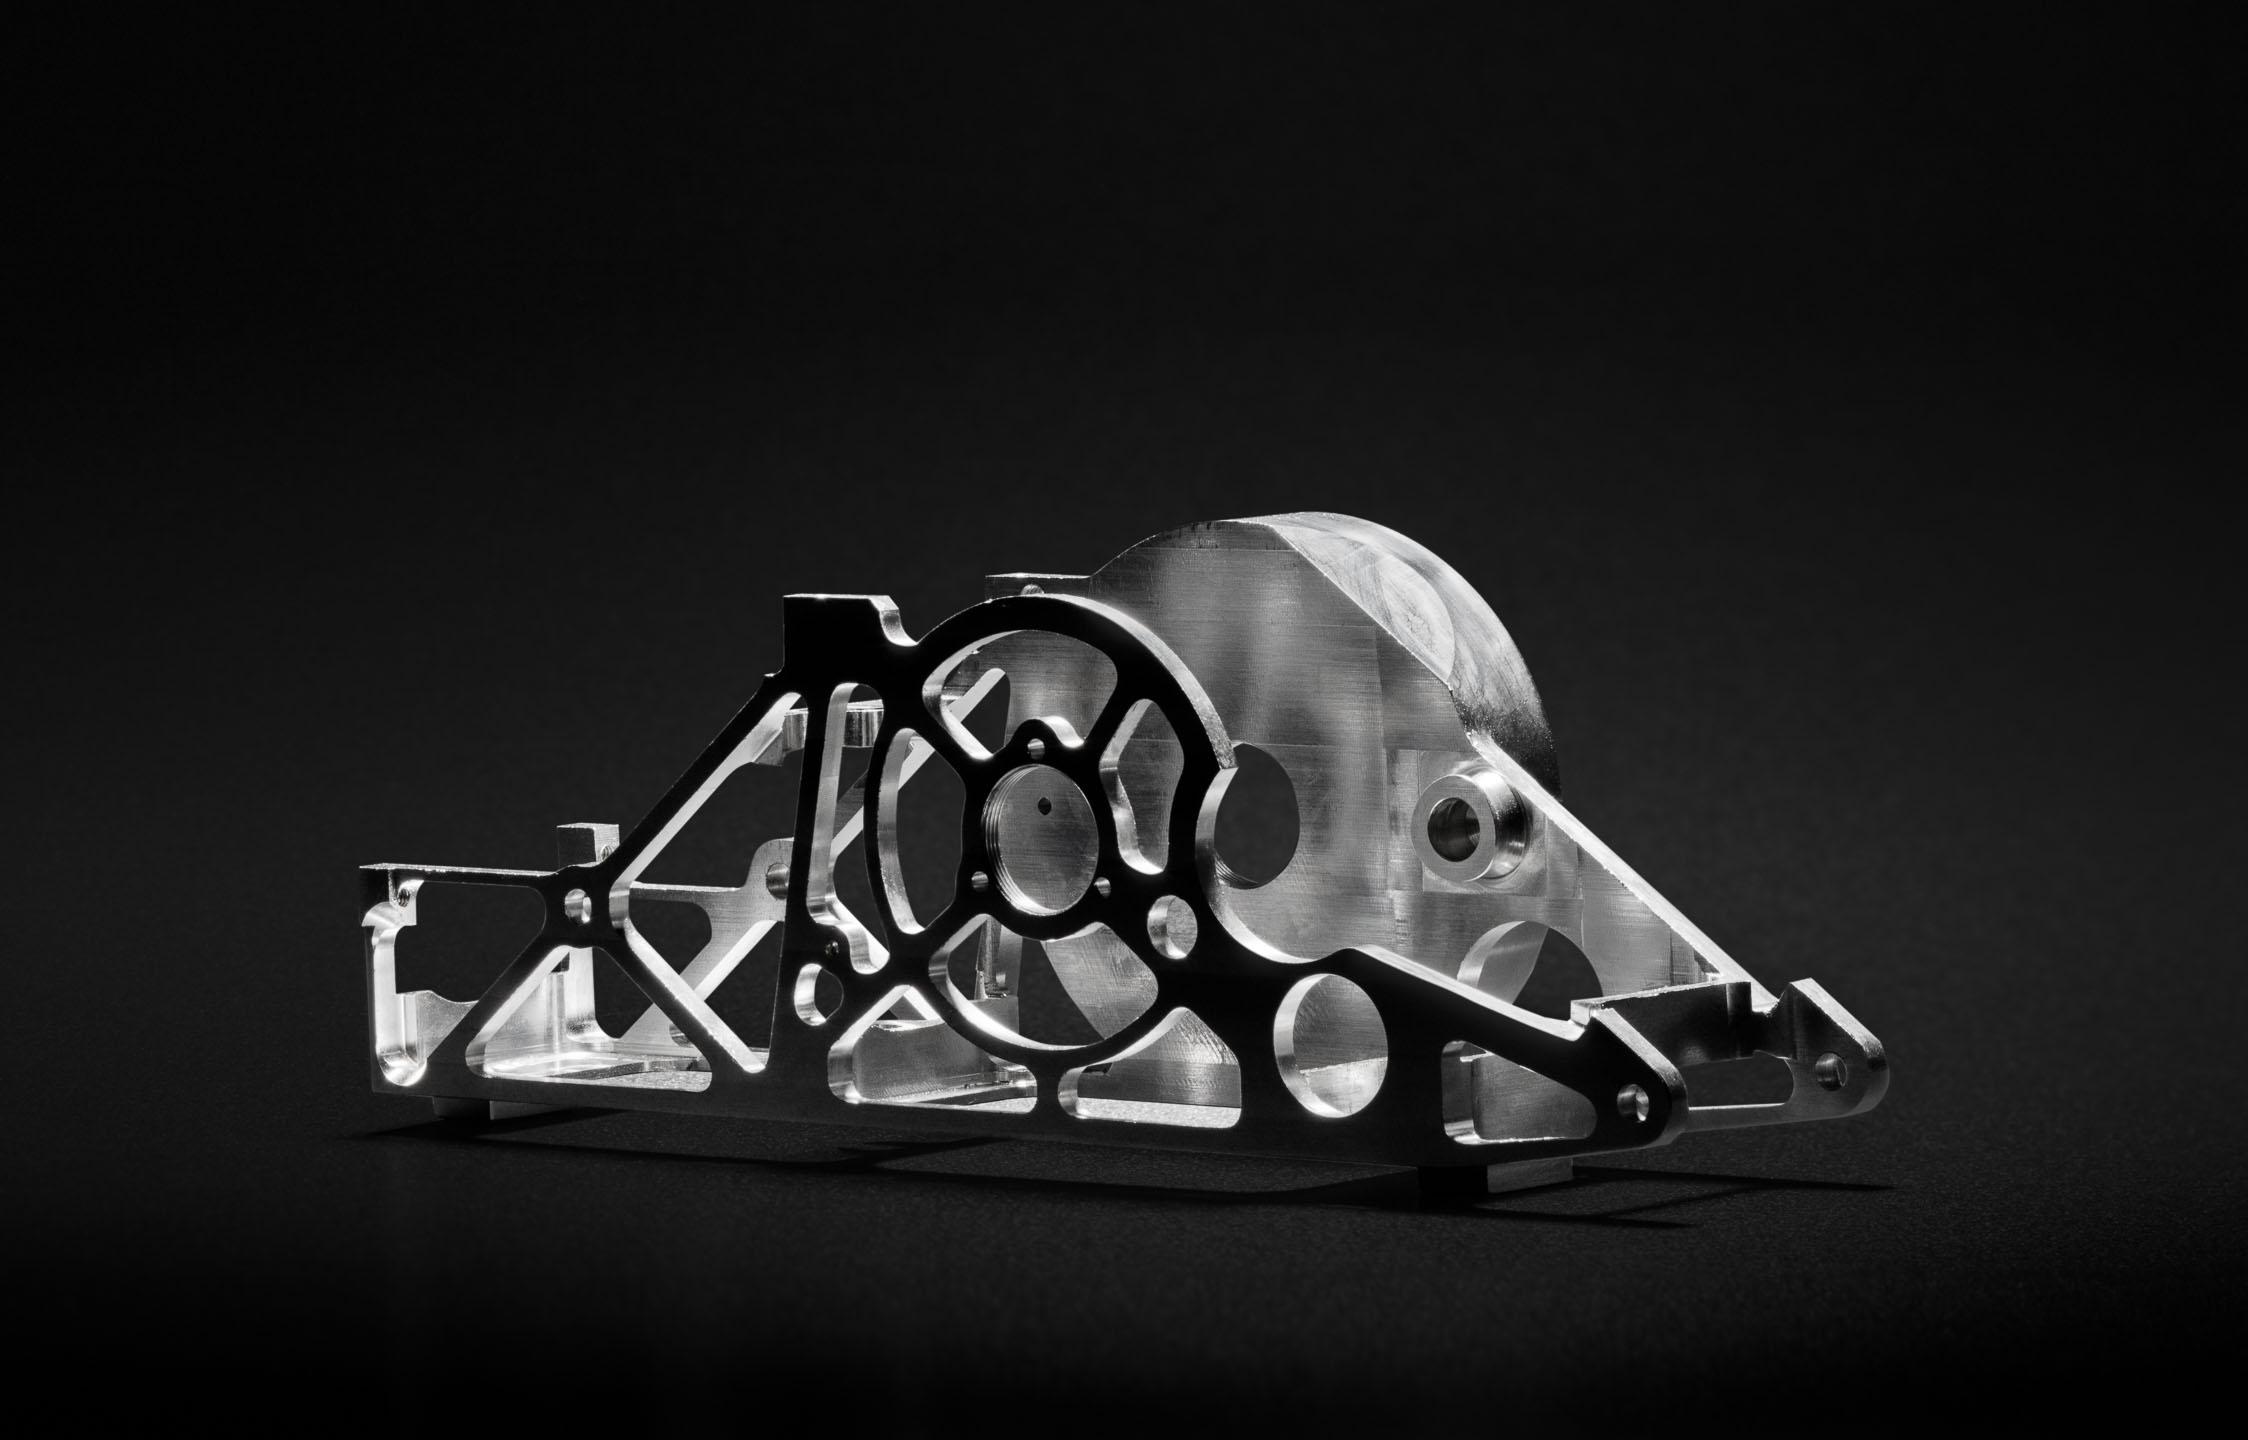 Produktfoto Aluminium-Werkstück vor dunklem Hintergrund